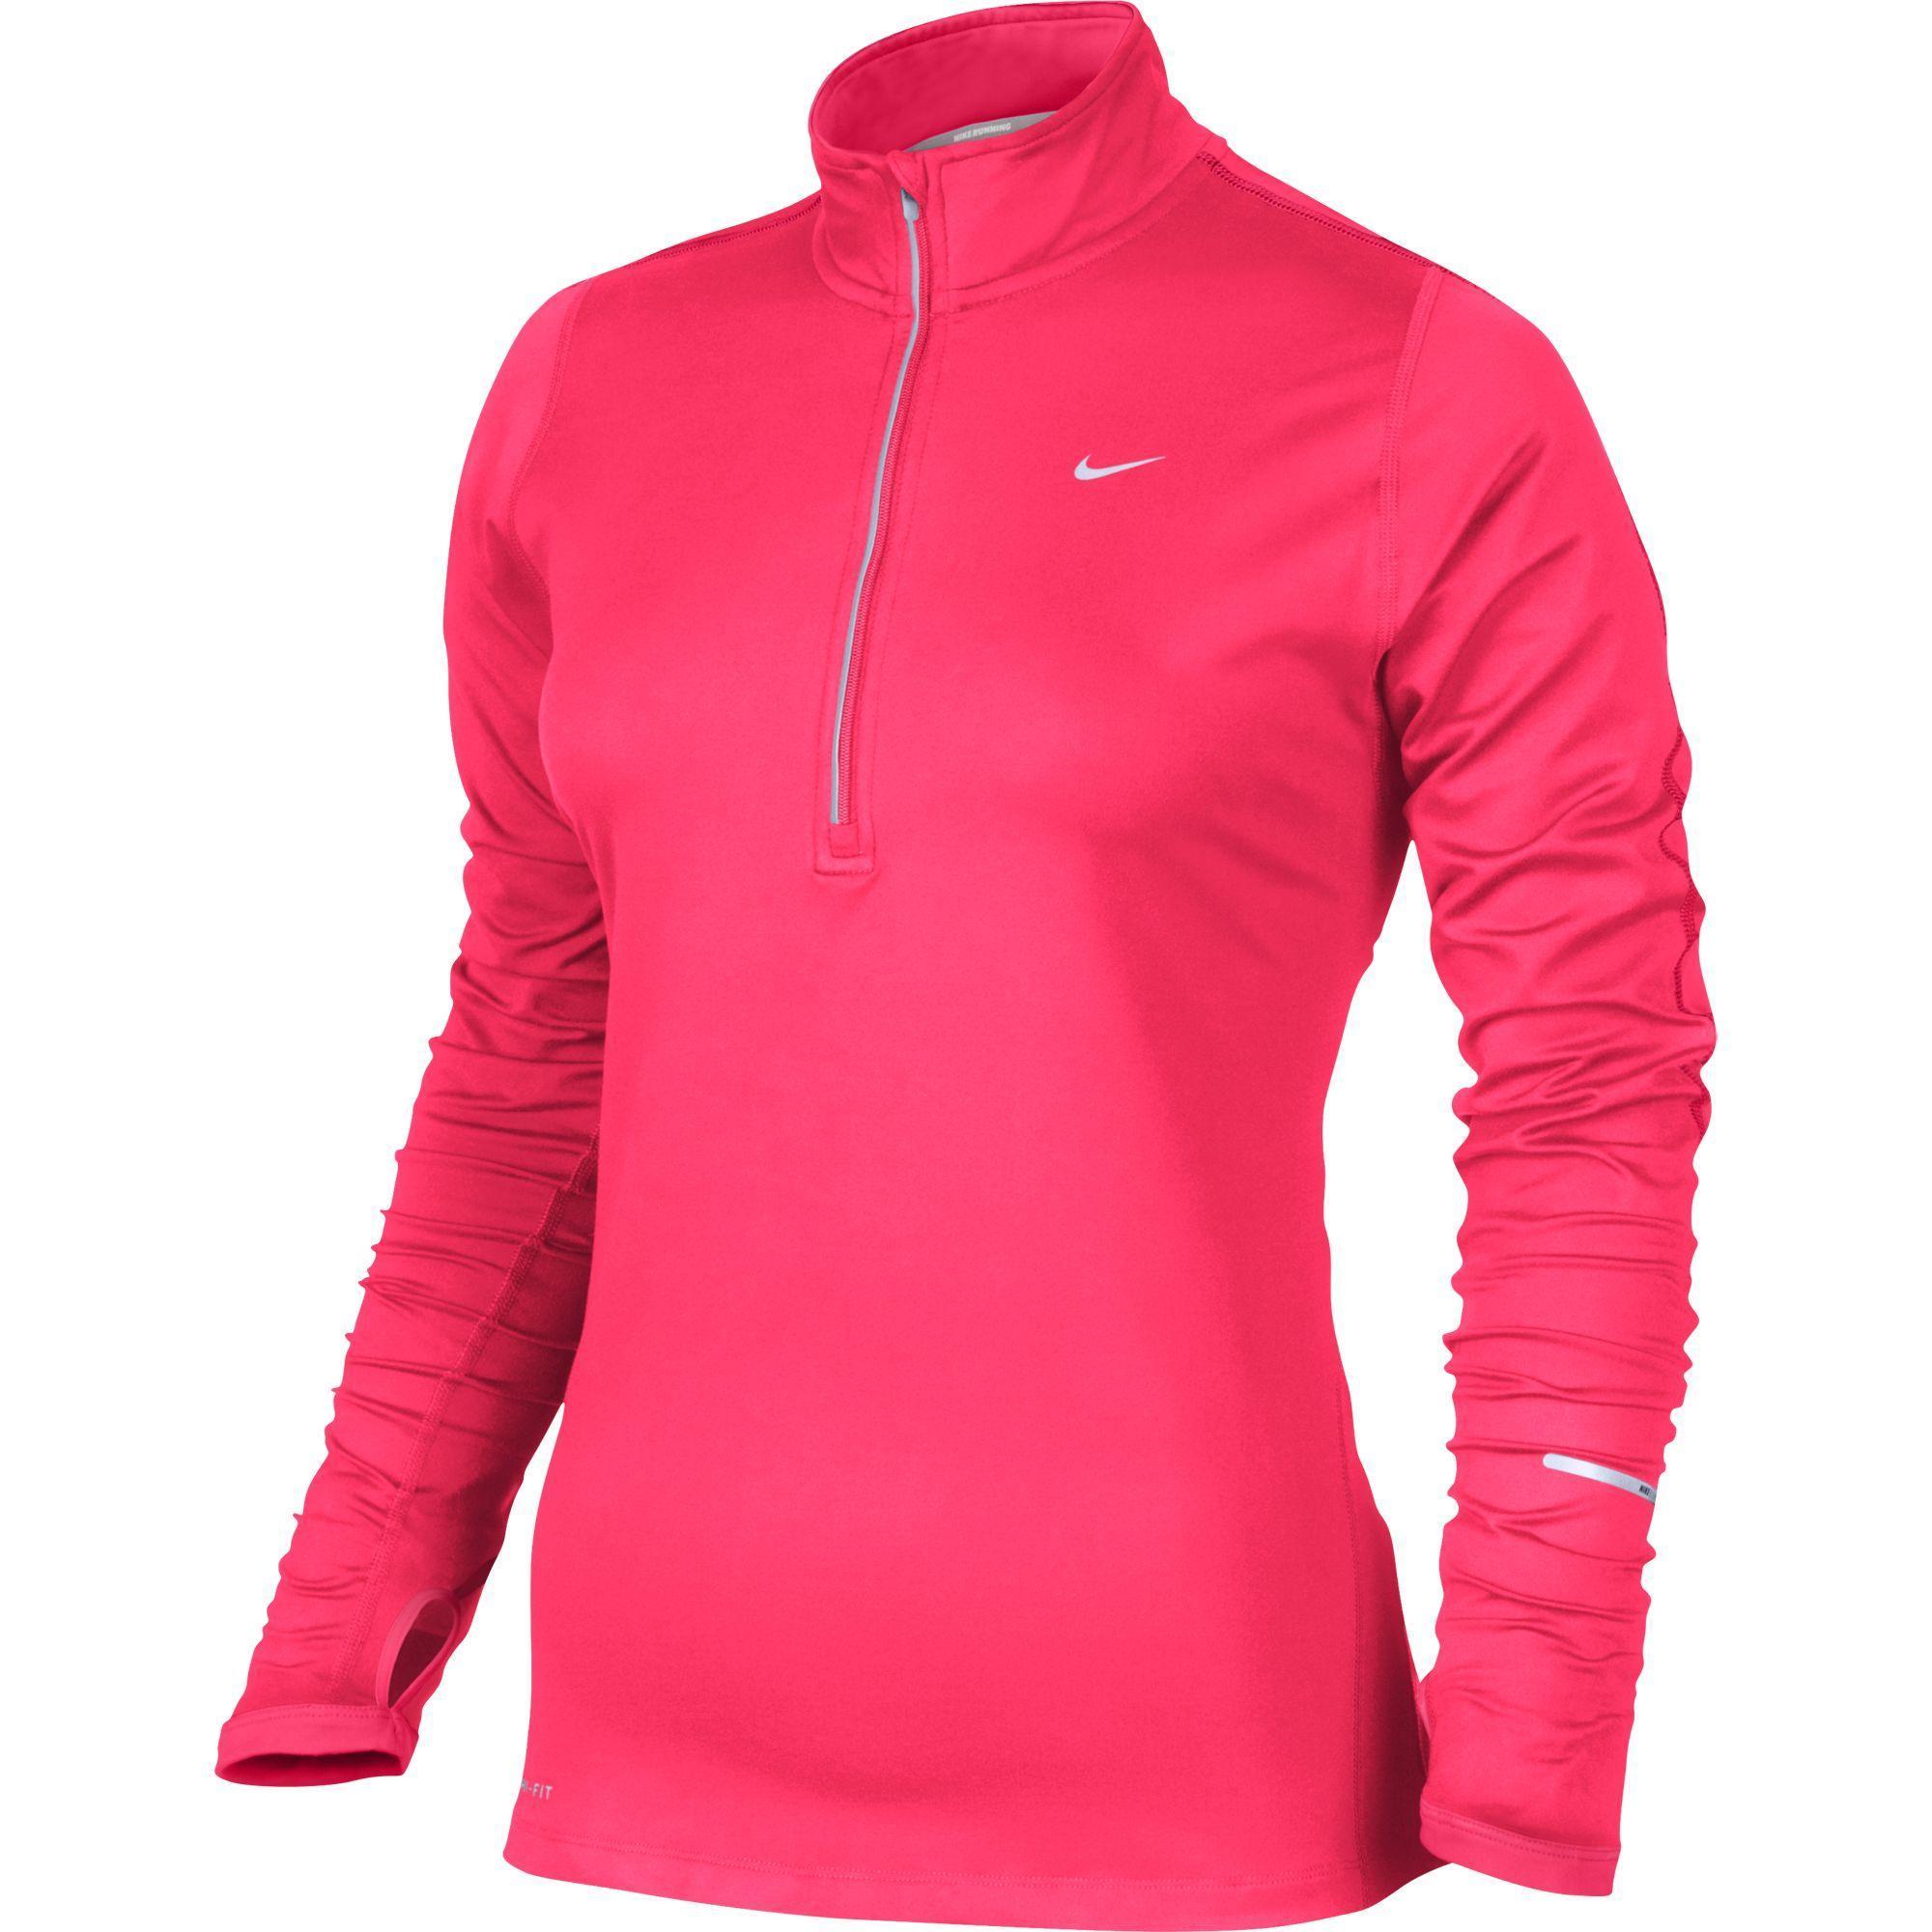 nike womens element 1 2 zip l s running shirt hyper